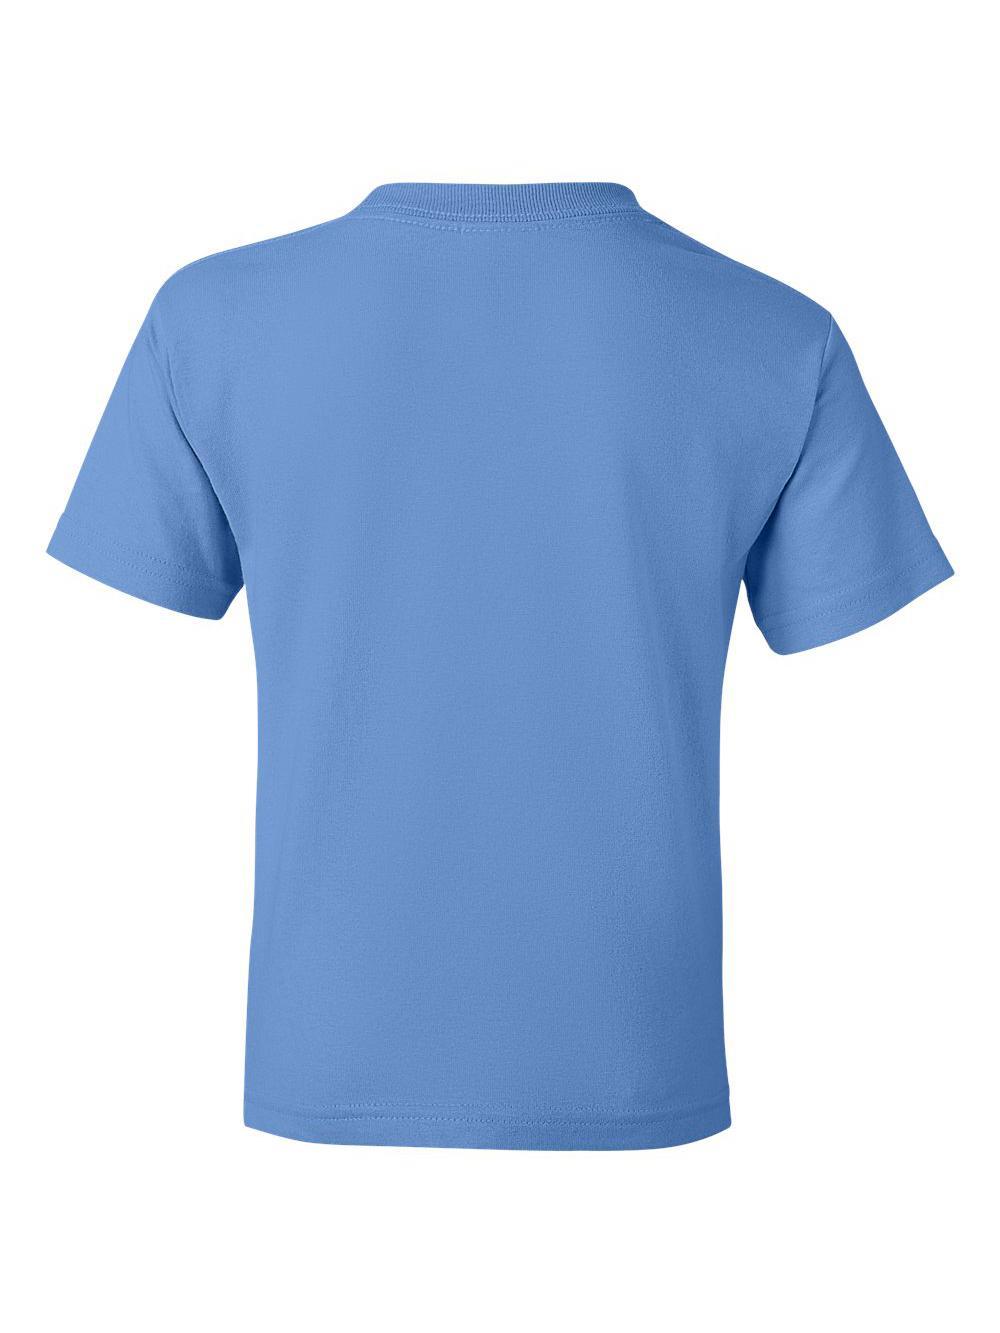 Gildan-DryBlend-Youth-50-50-T-Shirt-8000B thumbnail 13